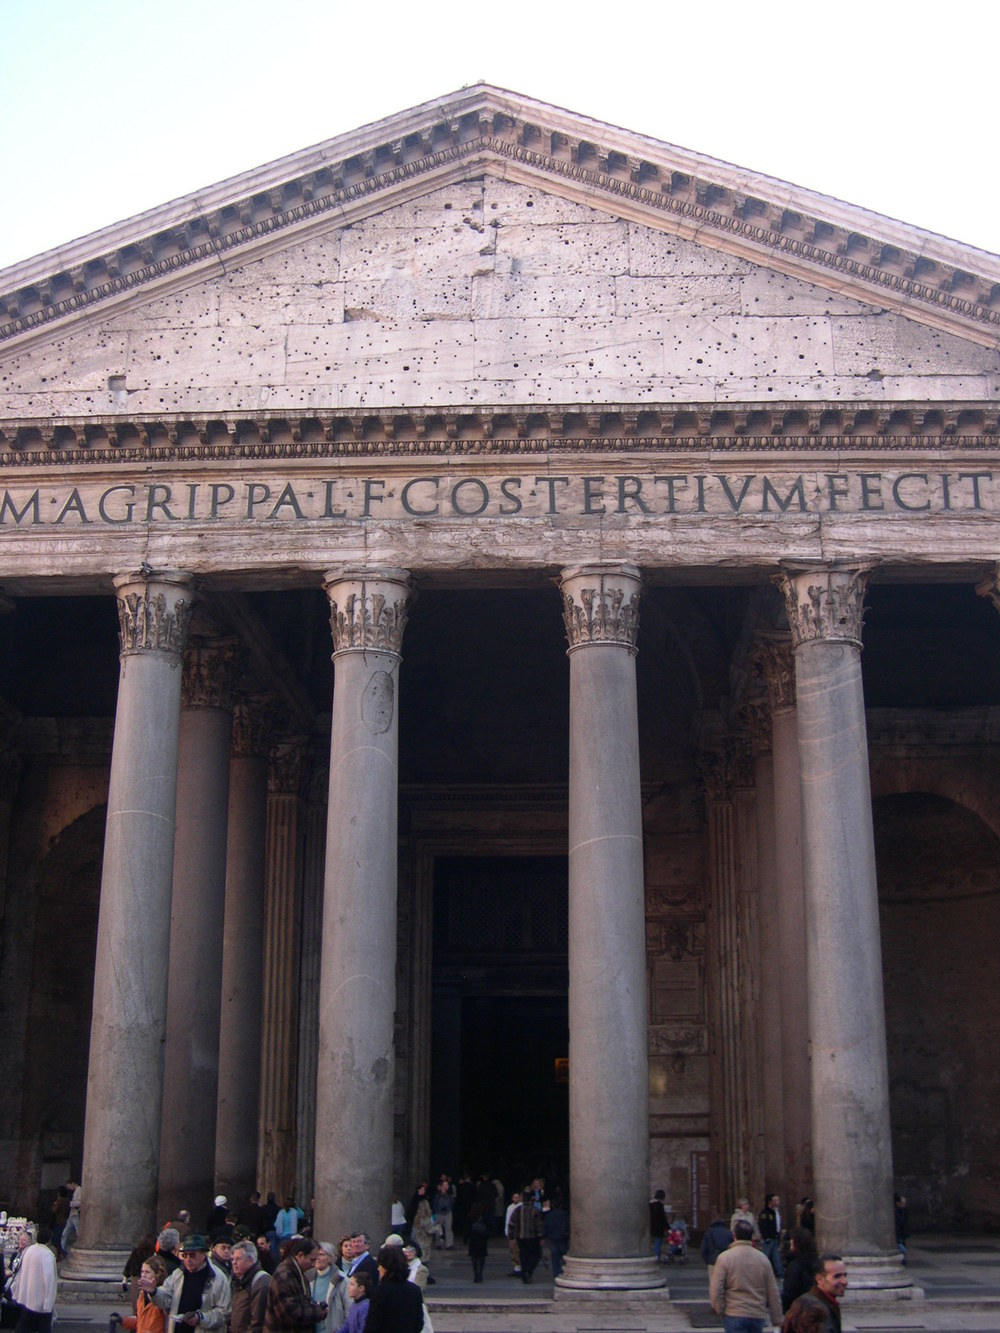 PANtheon Rome - Free ENTRY